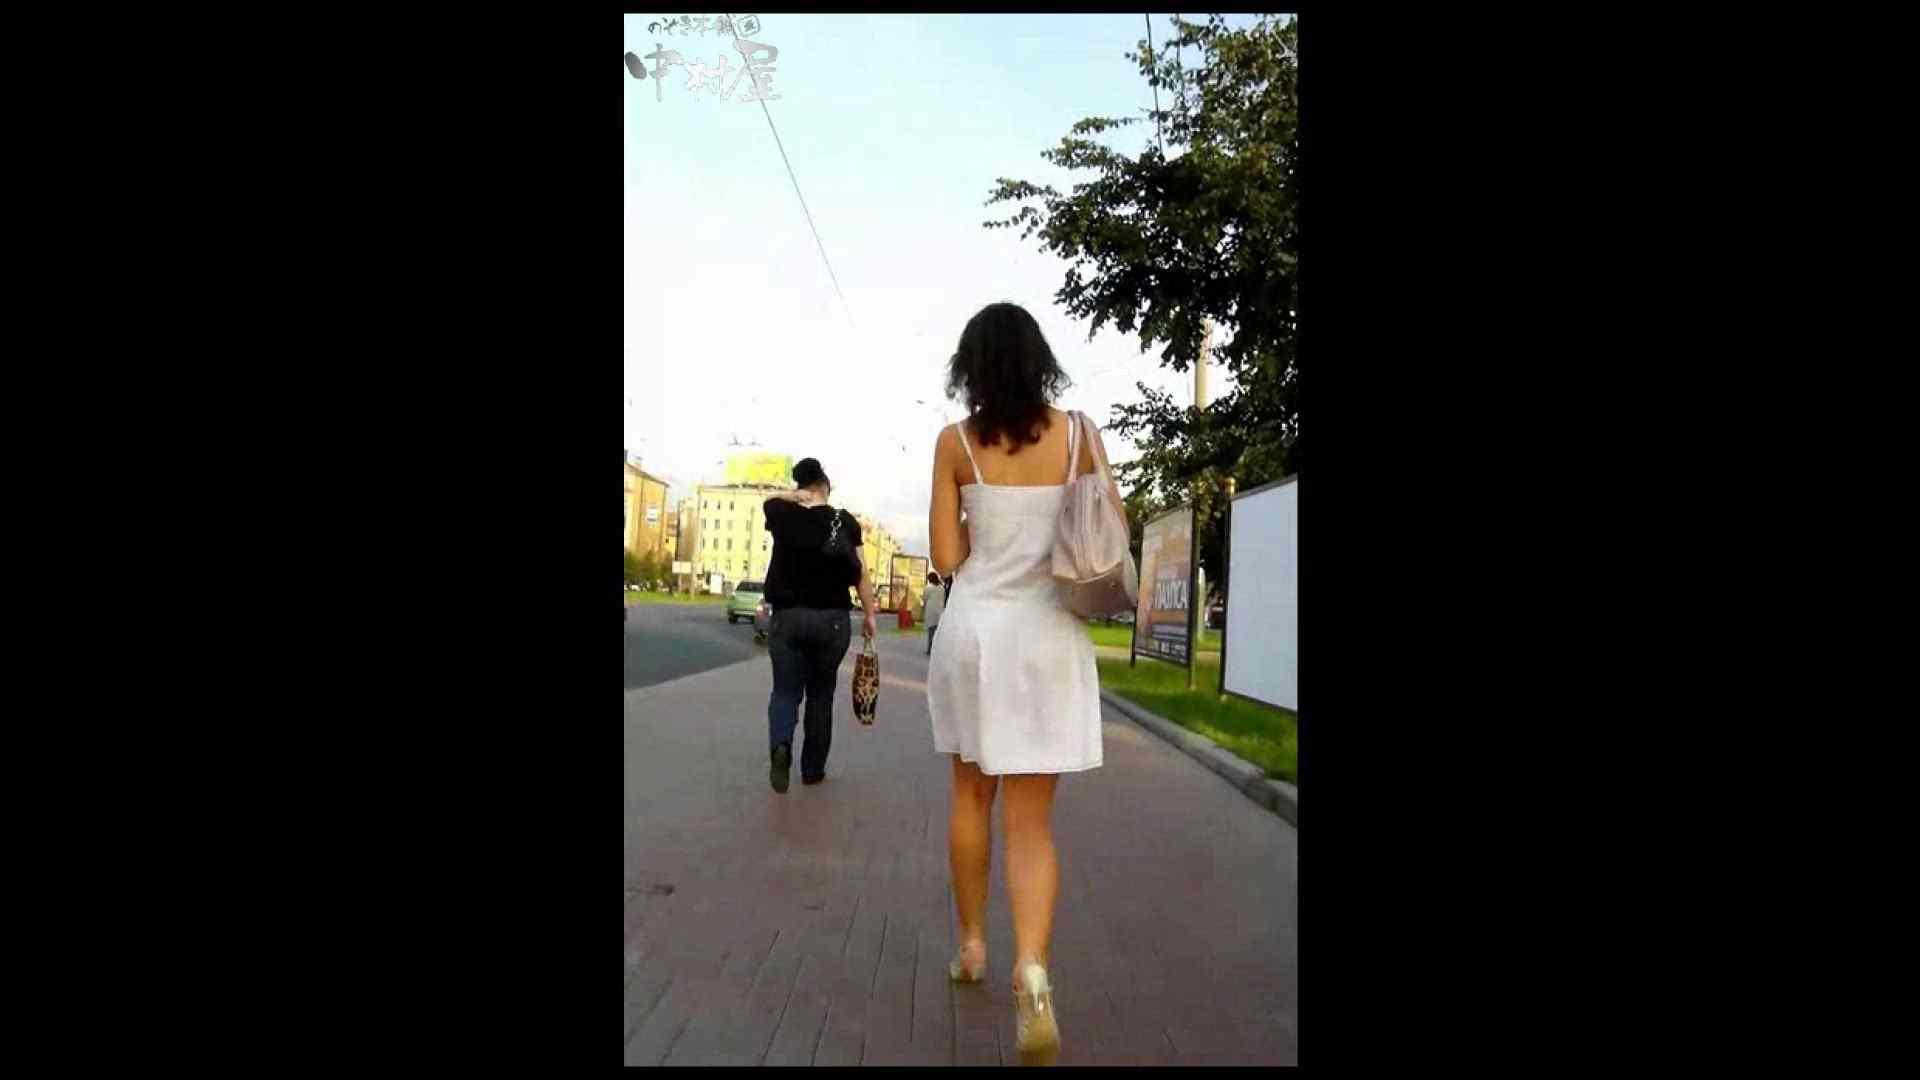 綺麗なモデルさんのスカート捲っちゃおう‼ vol29 0  68pic 18